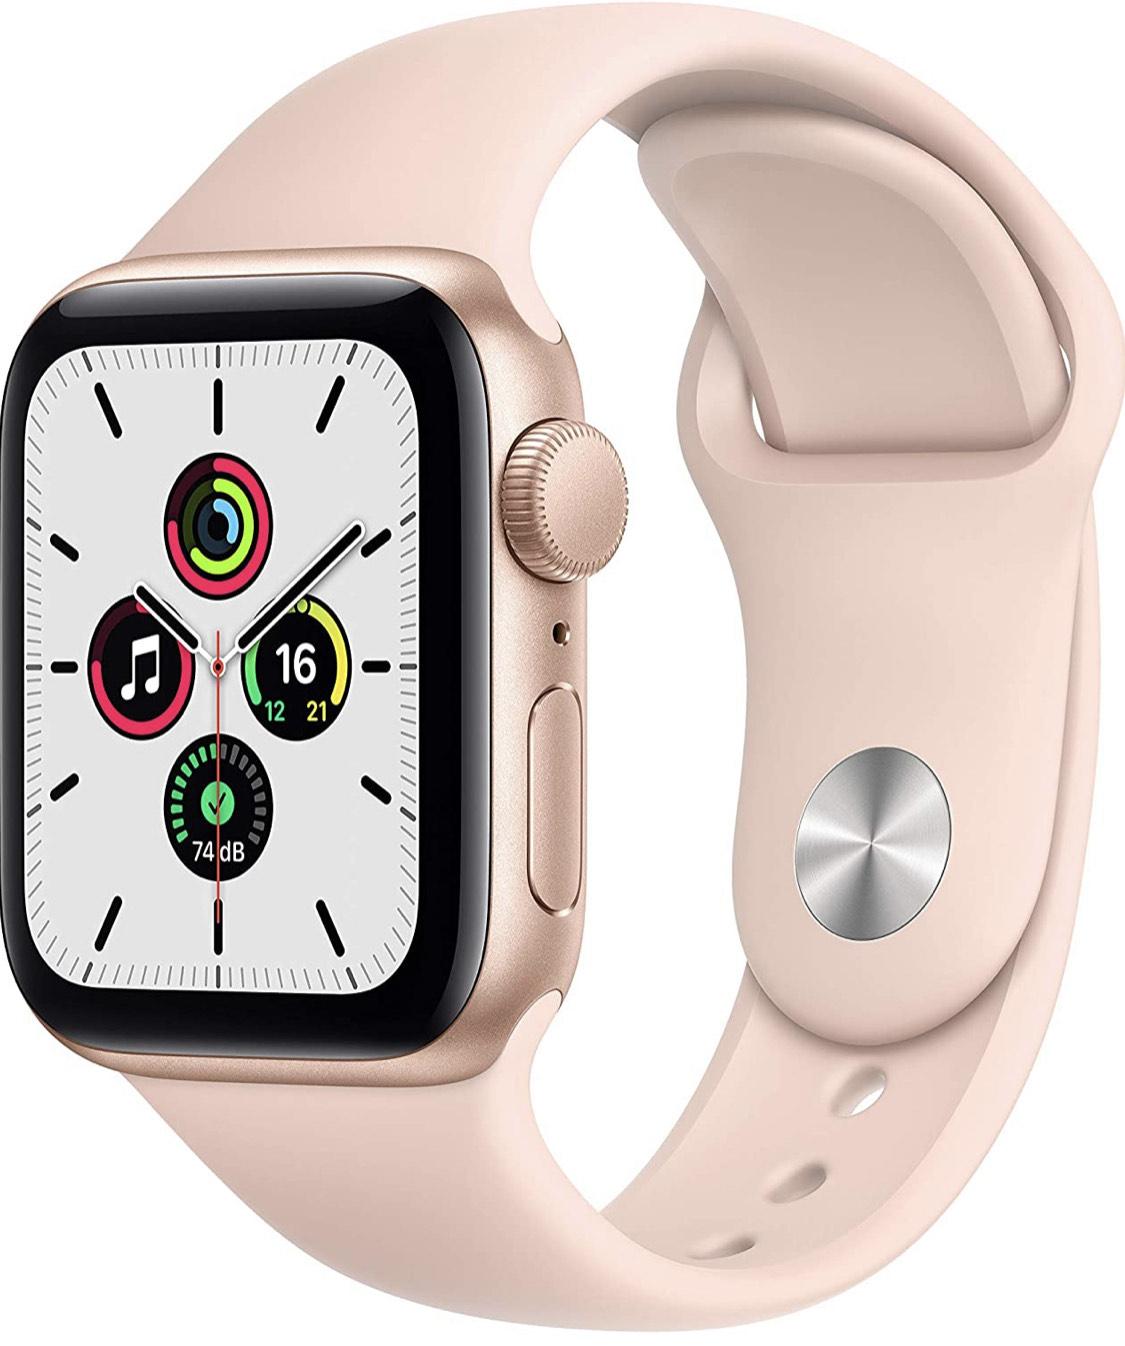 Montre connectée Apple Watch SE GPS - 40 mm, bracelet sport, rose sable